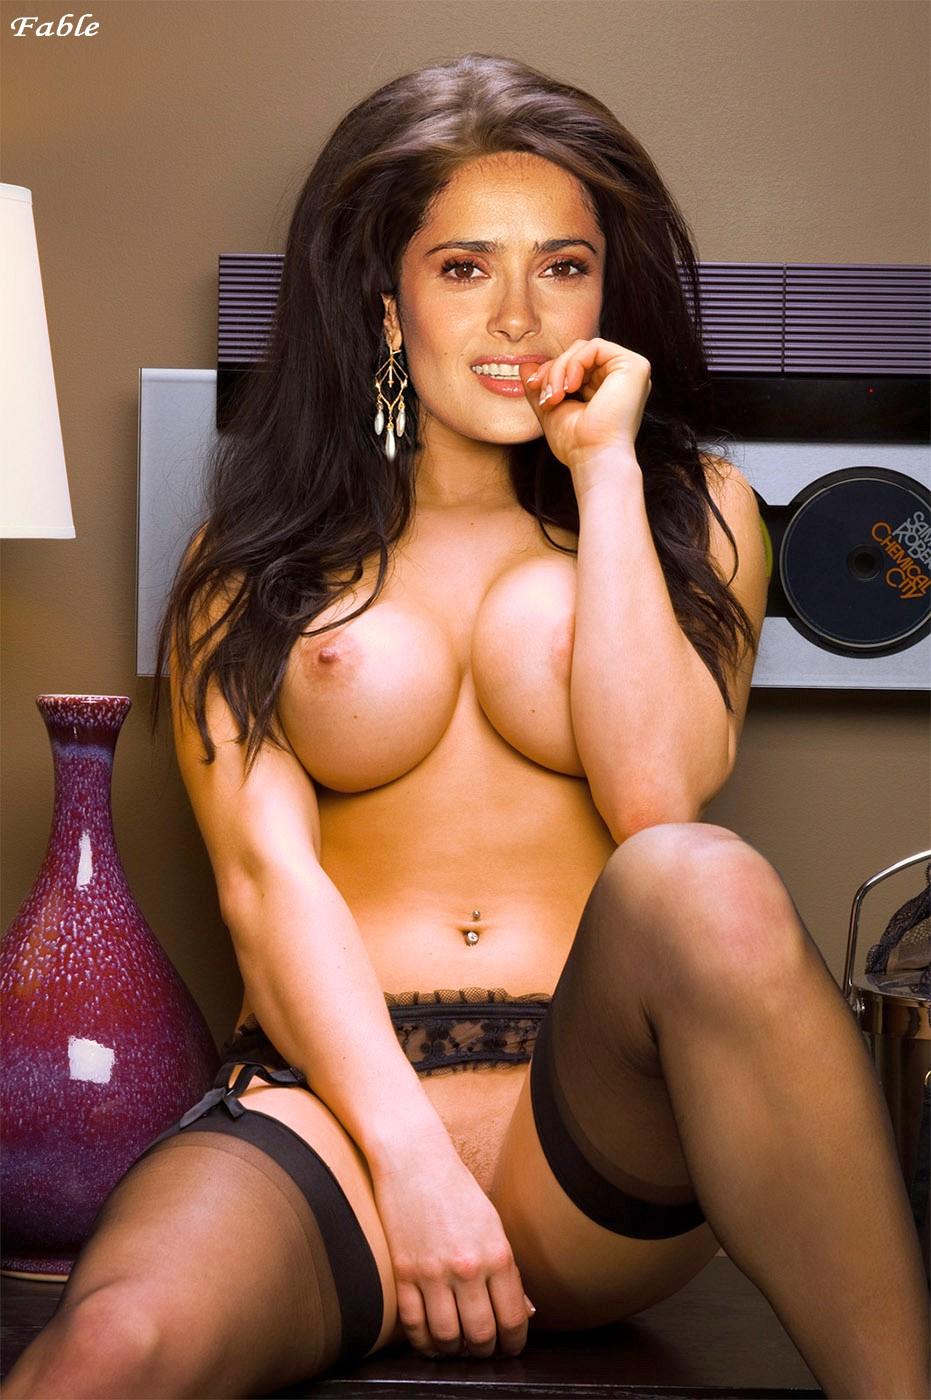 Сельма хаек порнофото 15 фотография